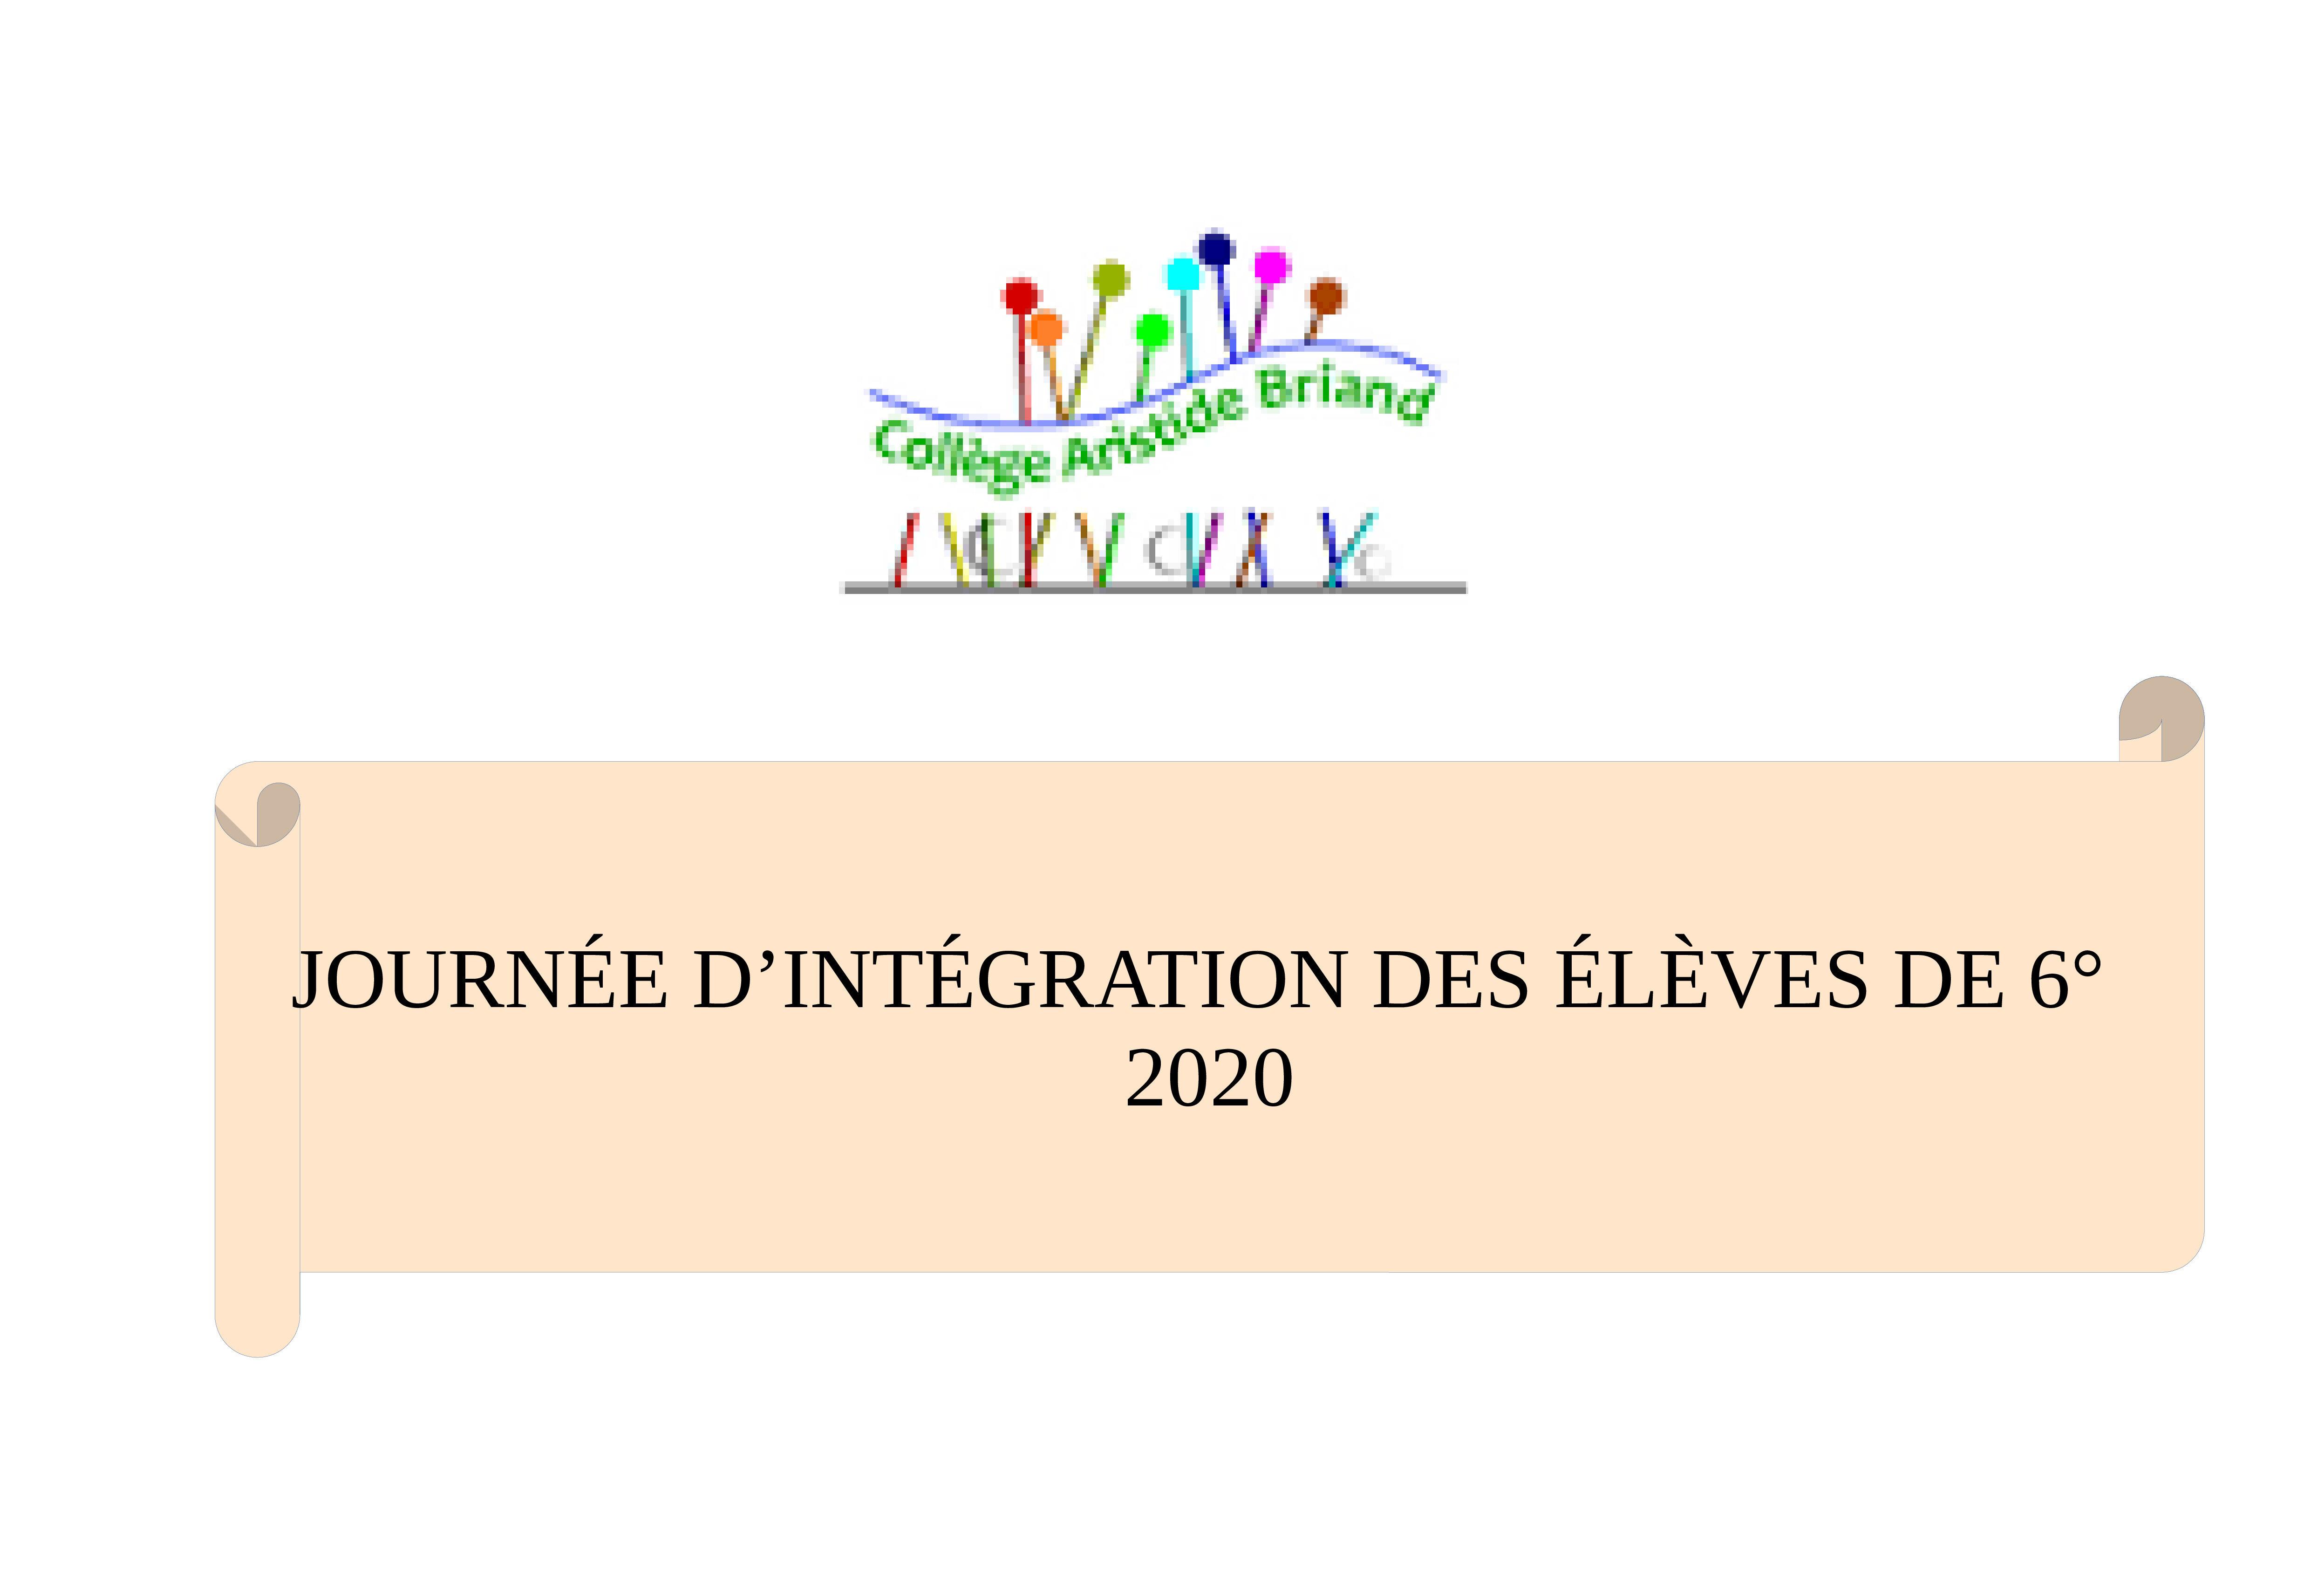 logo-journe-dintgration-6.jpg